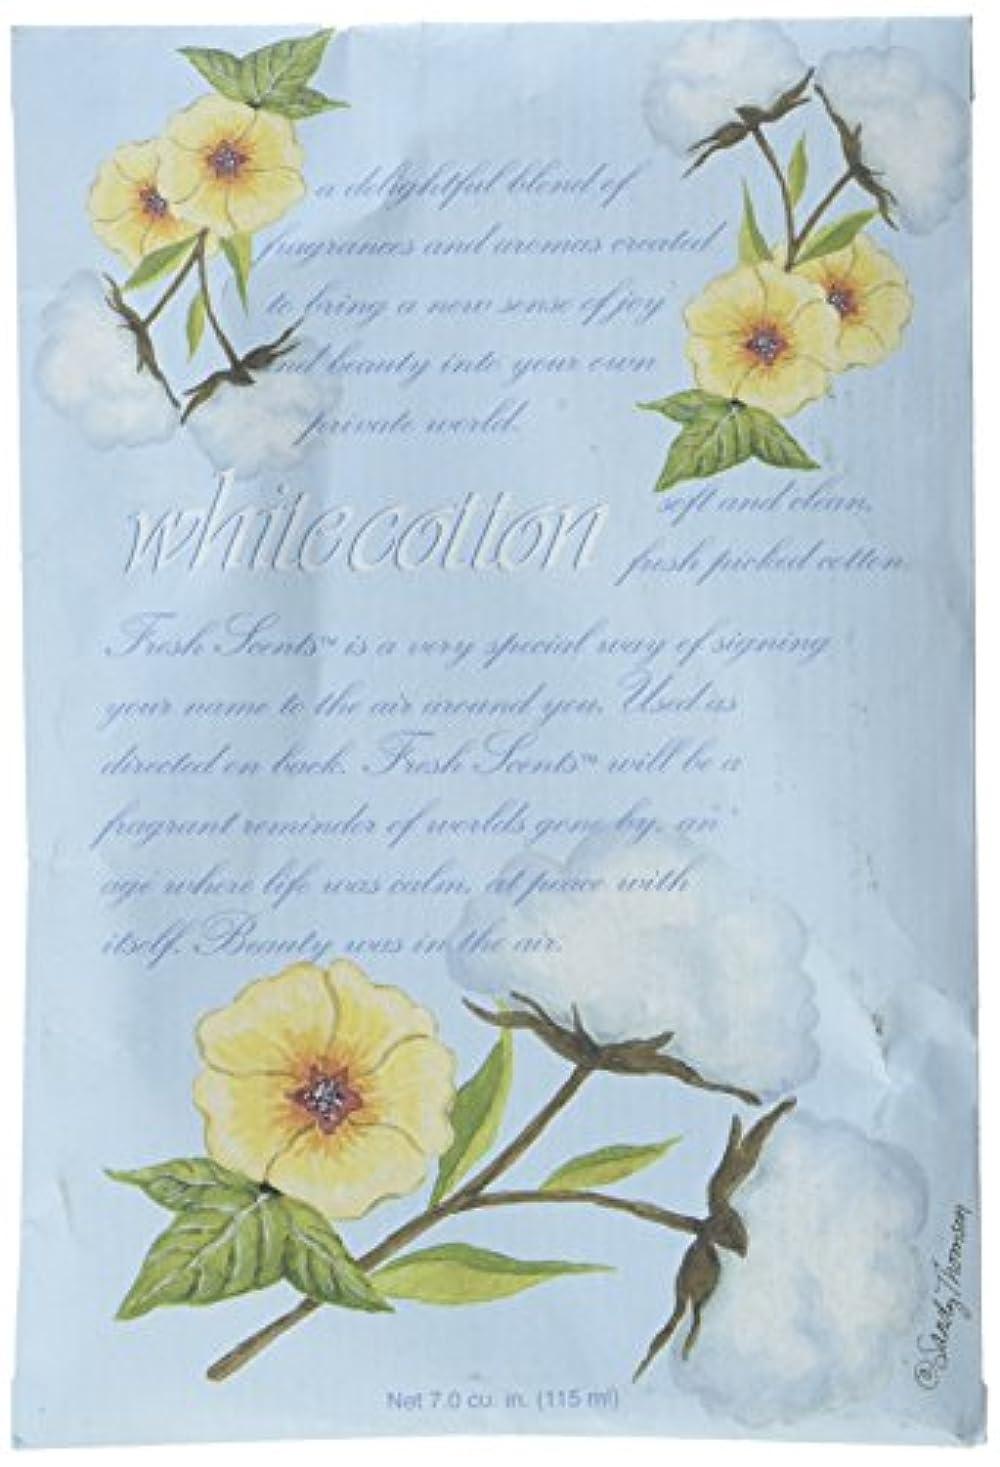 爵すずめ直立グリーンリーフ(GREENLEAF) WILLOWBROOK フレッシュセンツL ホワイトコットン 約11.7W×17H(cm) 115ml